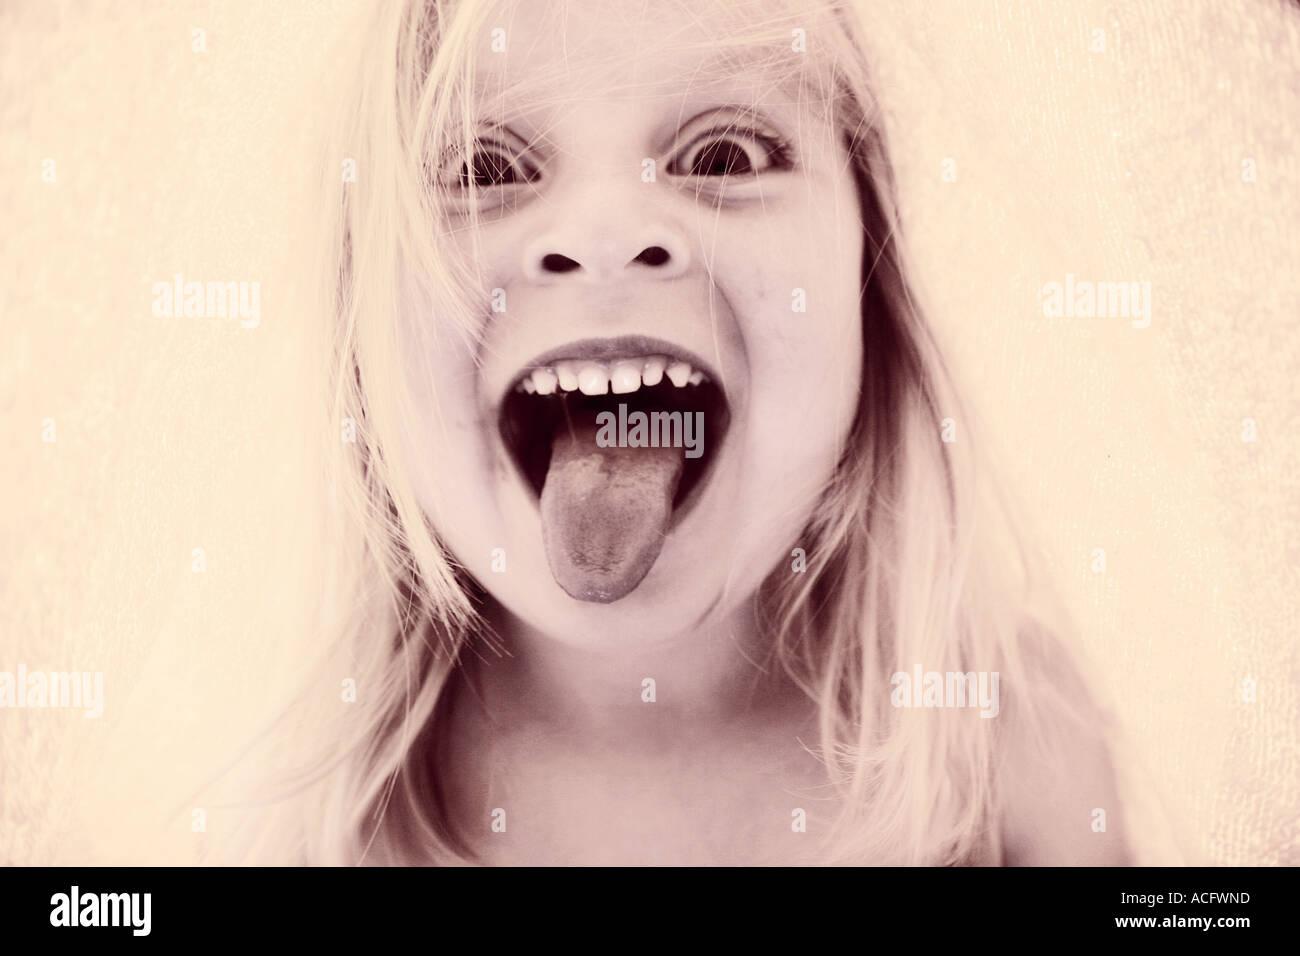 Foto eines Kindes ihre Zunge heraus Stockbild